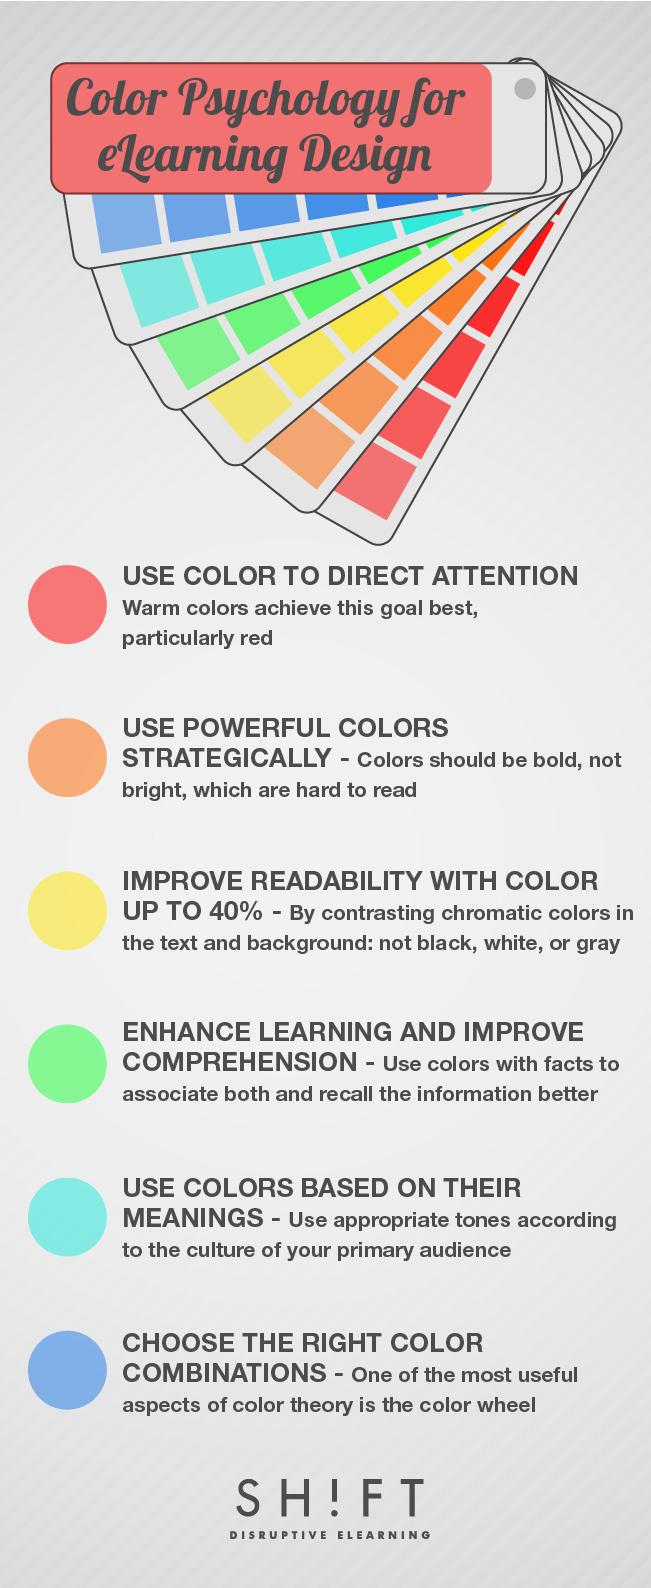 color psychology for eLearning design